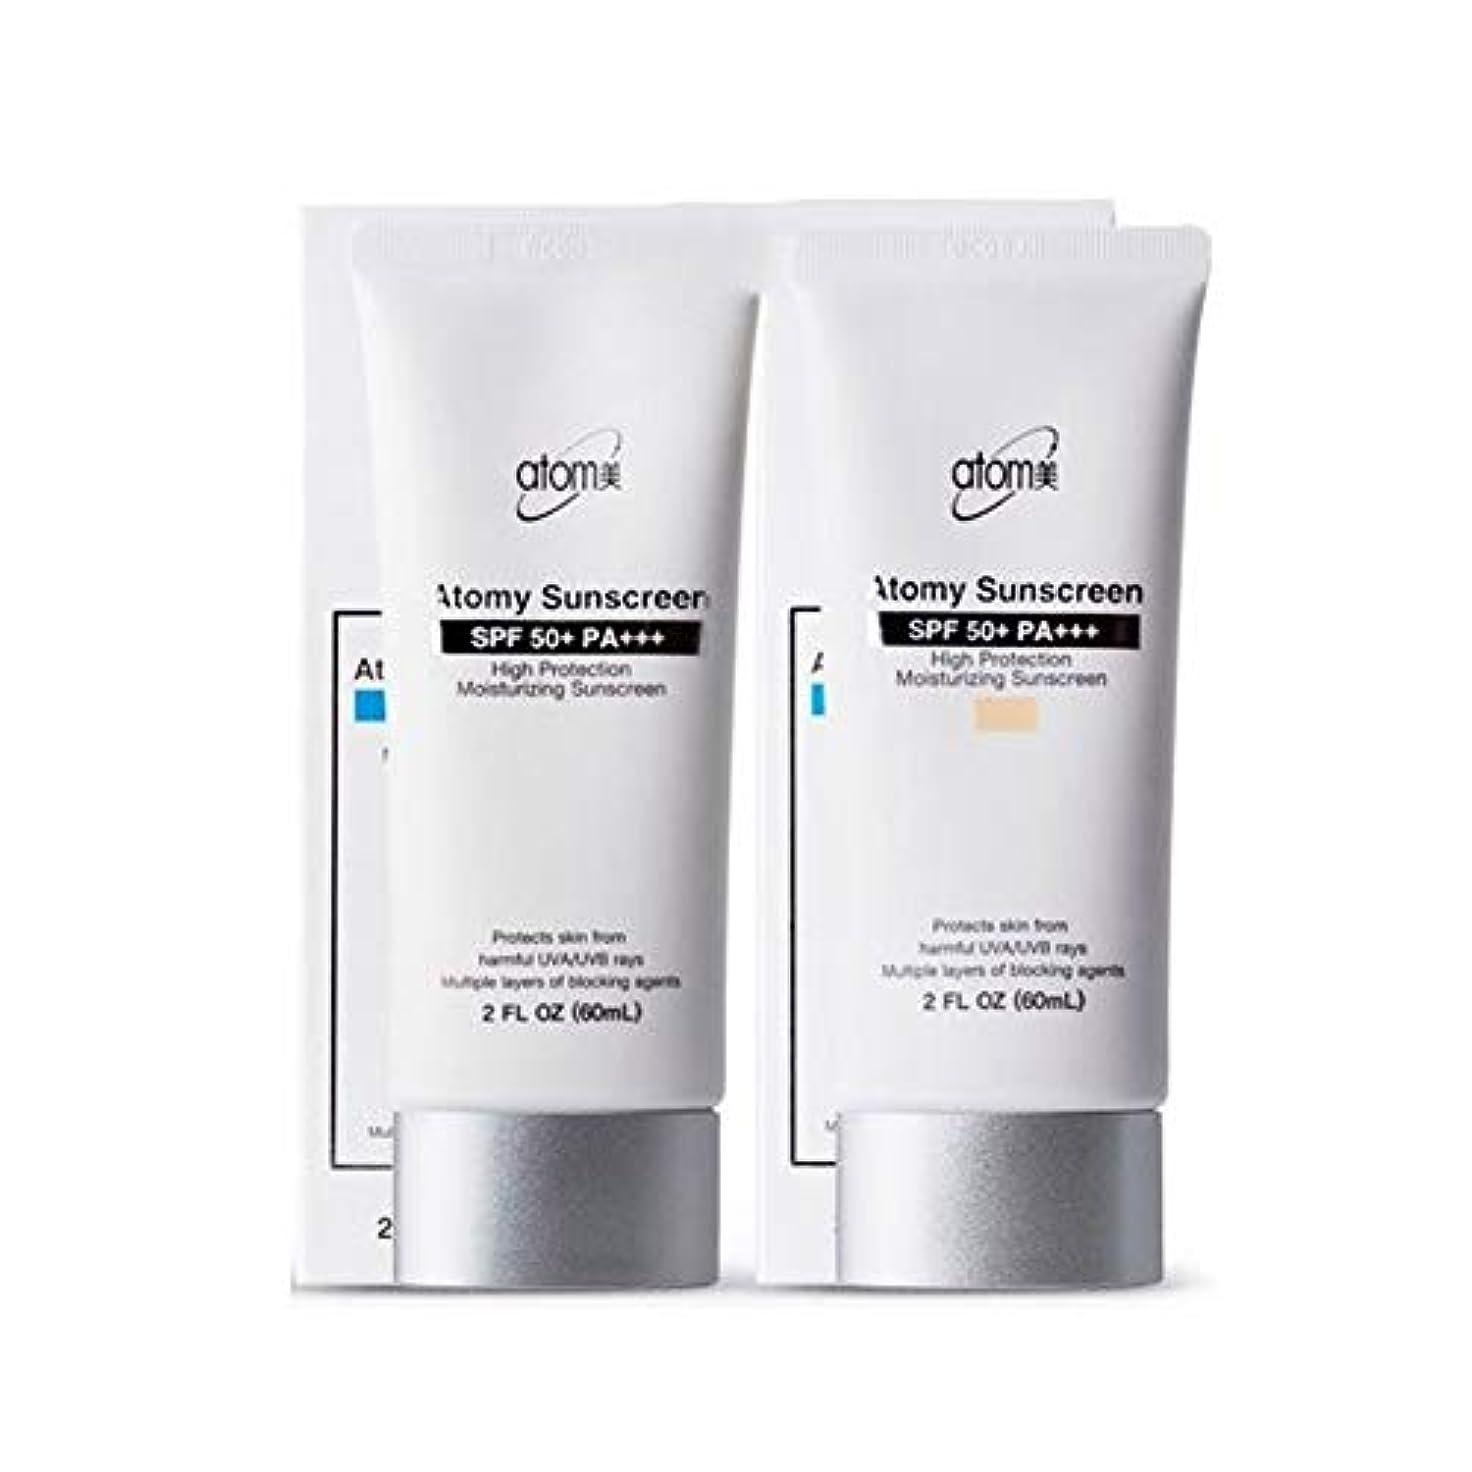 アトミ(Atomy) サンクリームベージュ+ホワイト(SPF50+/PA+++)60ml、ハイプロテクション、Atomy Sun Cream Beige+White(SPF50+/PA+++)60ml、High Protection...